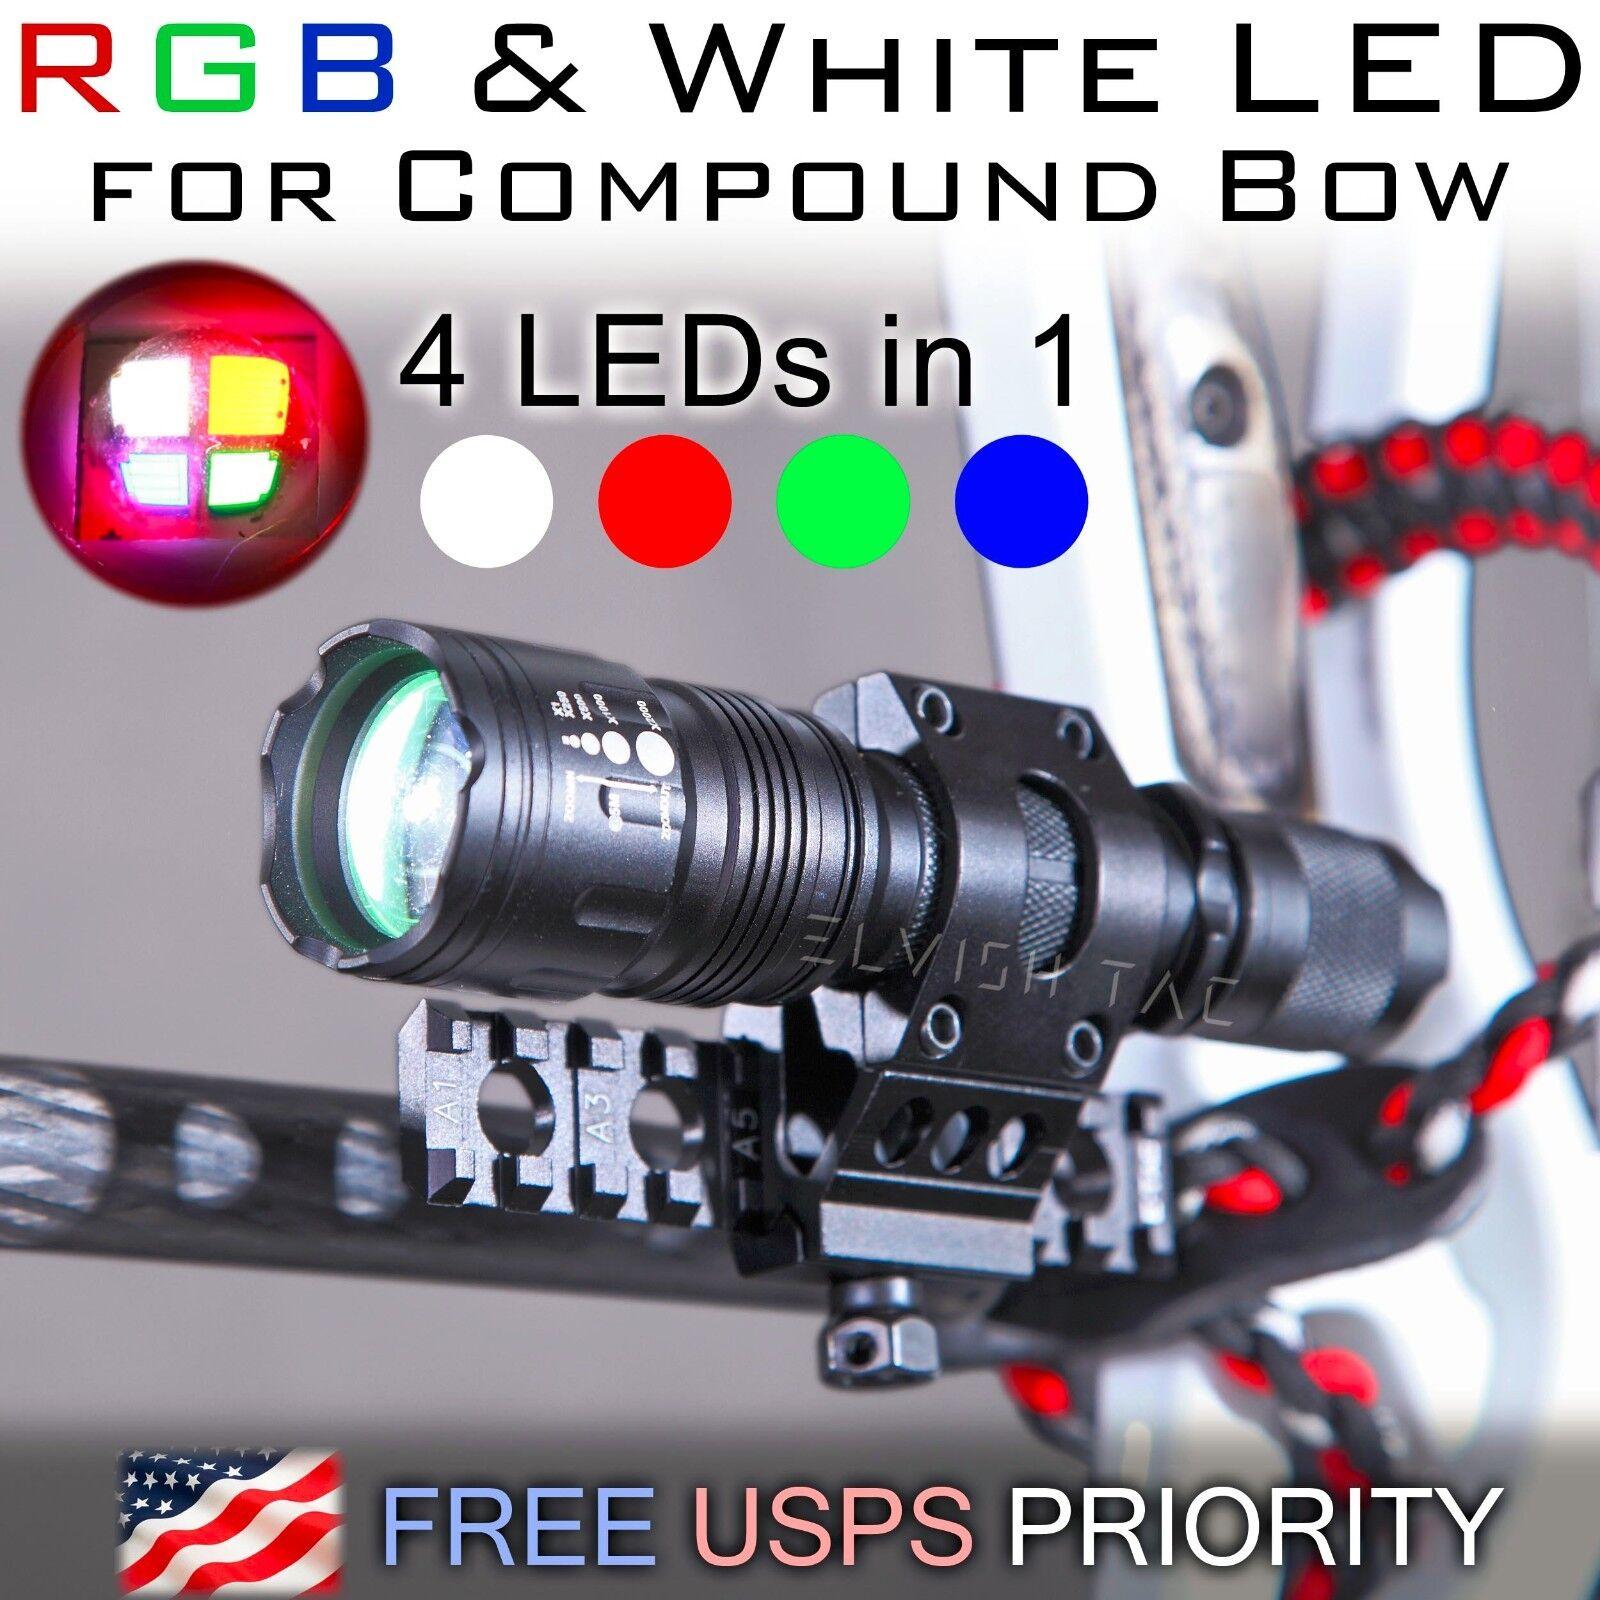 Luz Led Rgb Y blancoo Para Arco Compuesto De Caza Pesca Riel Picatinny 5 modos